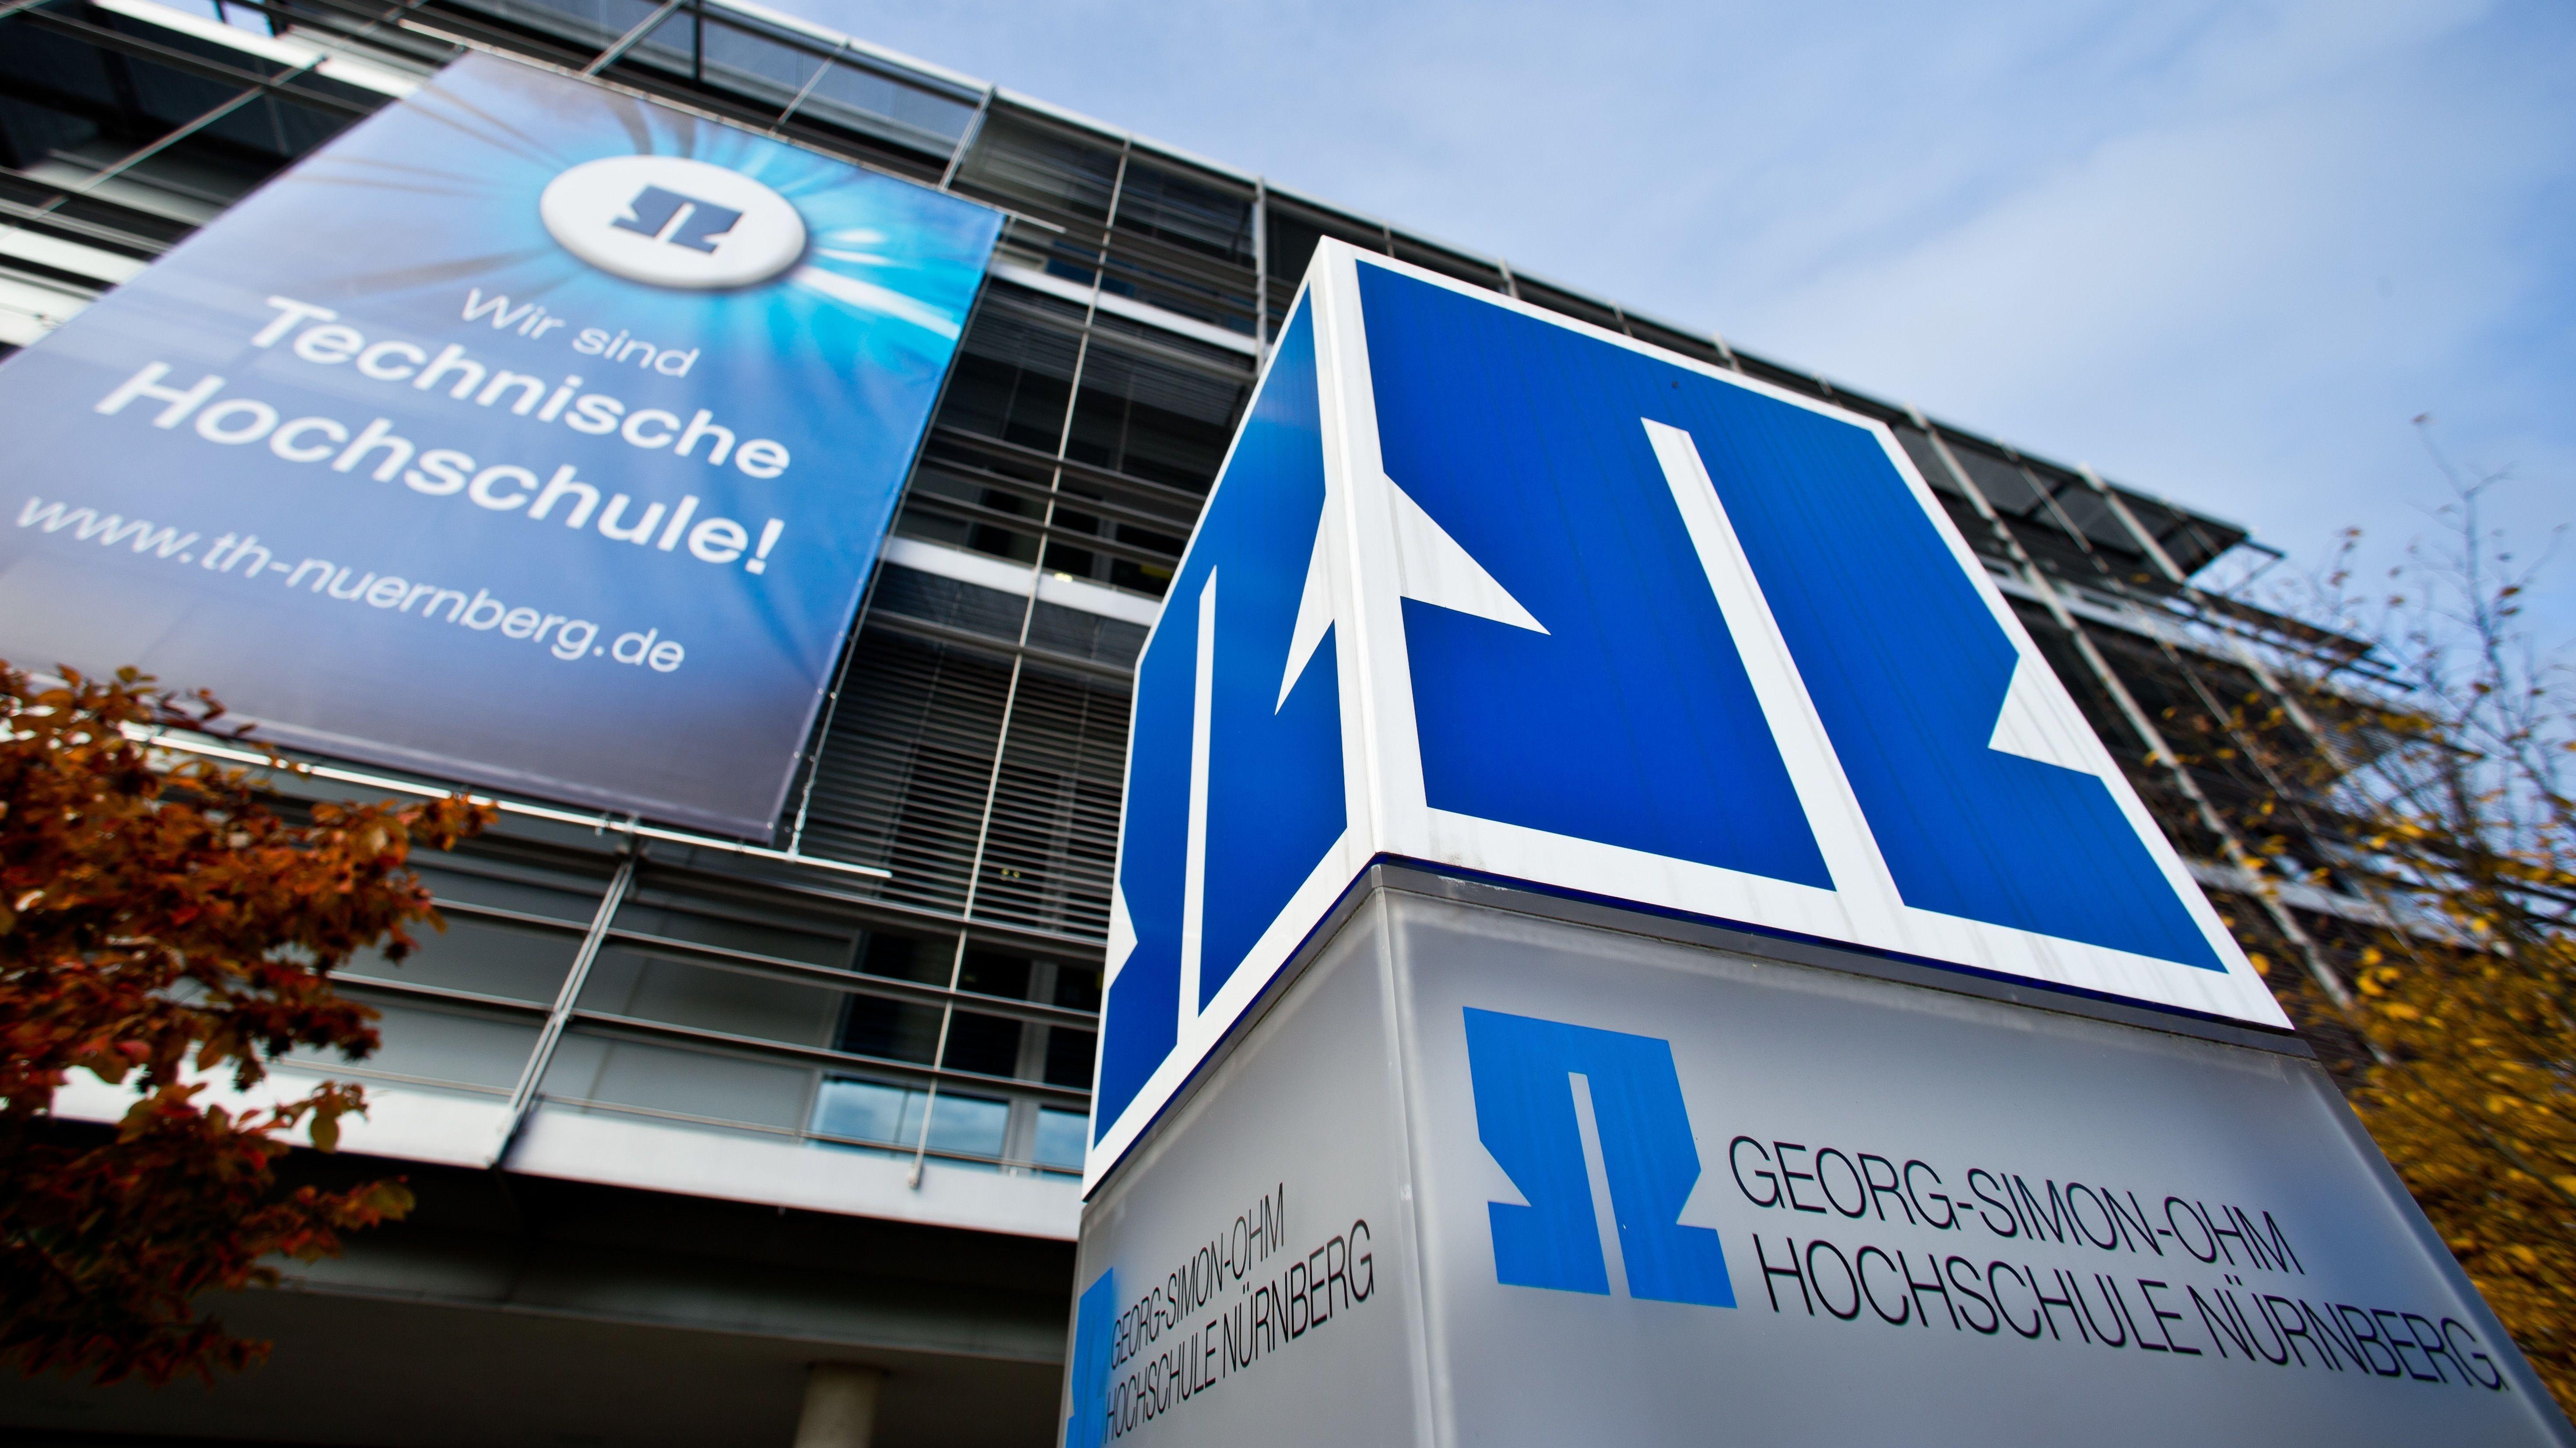 Technische Hochschule (TH) Nürnberg soll ein neues Technikum erhalten.